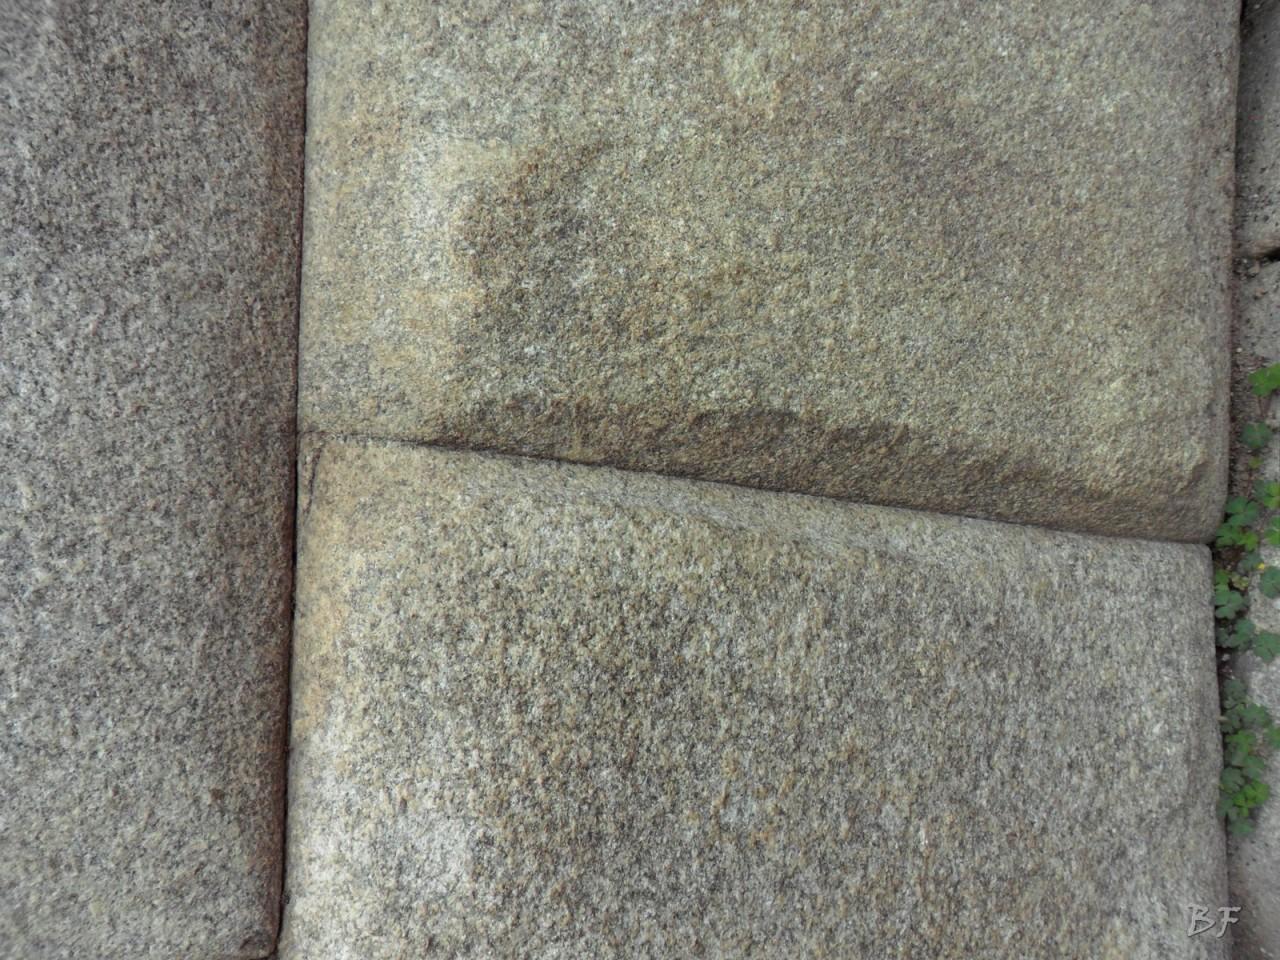 Mura-Poligonali-Incisioni-Altari-Edifici-Rupestri-Megaliti-Machu-Picchu-Aguas-Calientes-Urubamba-Cusco-Perù-107